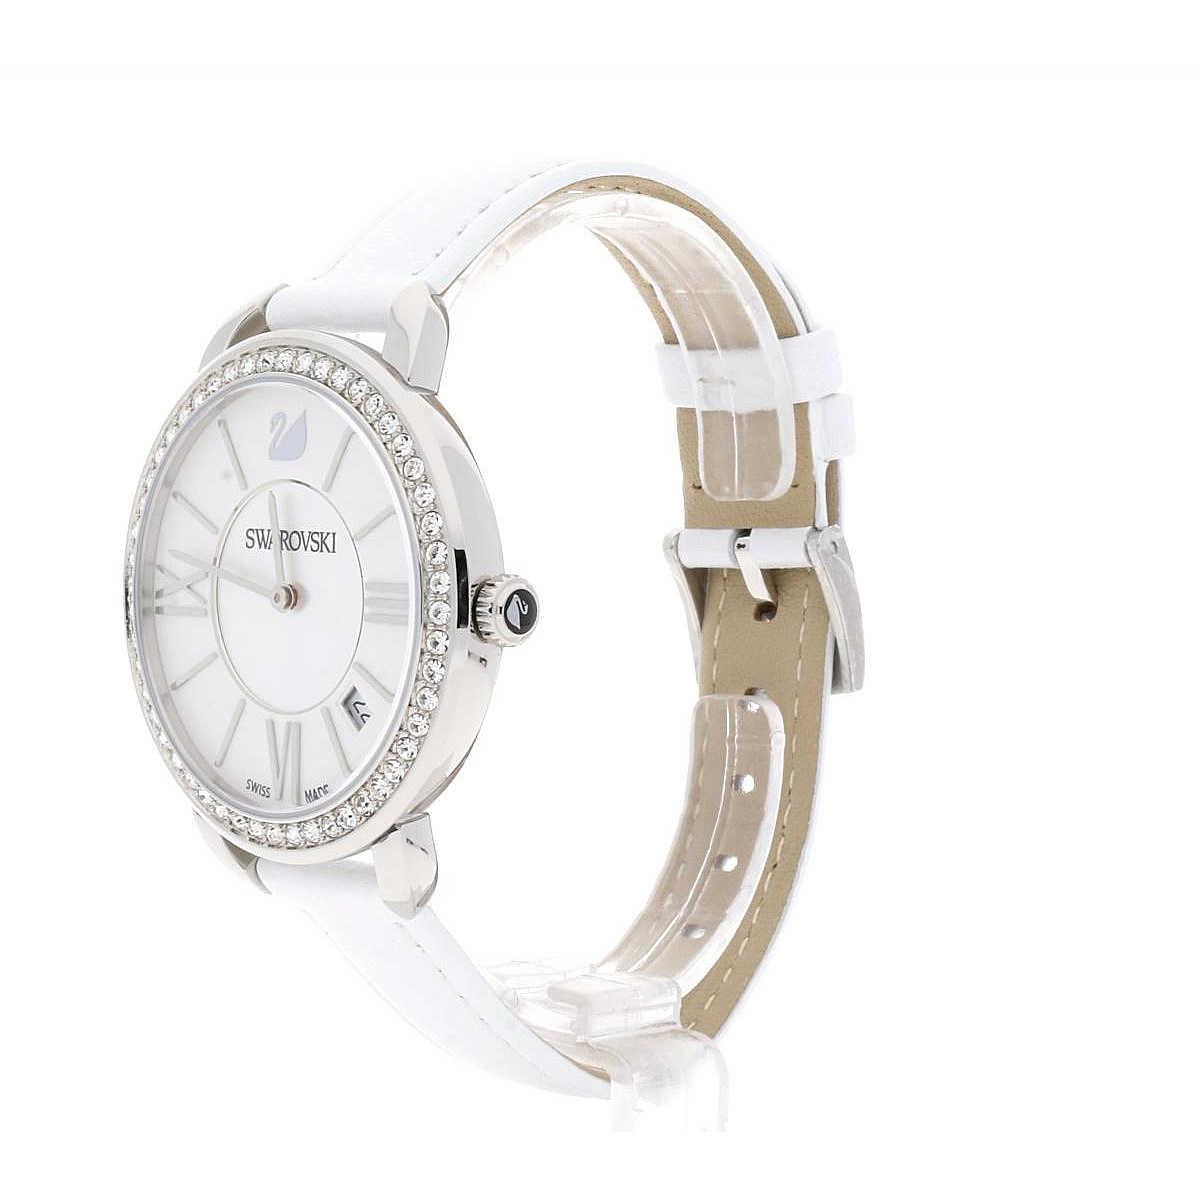 Kết quả hình ảnh cho Swarovski Dreamy Mother of Pearl Dial 11 Crystals Women Watch 5199946